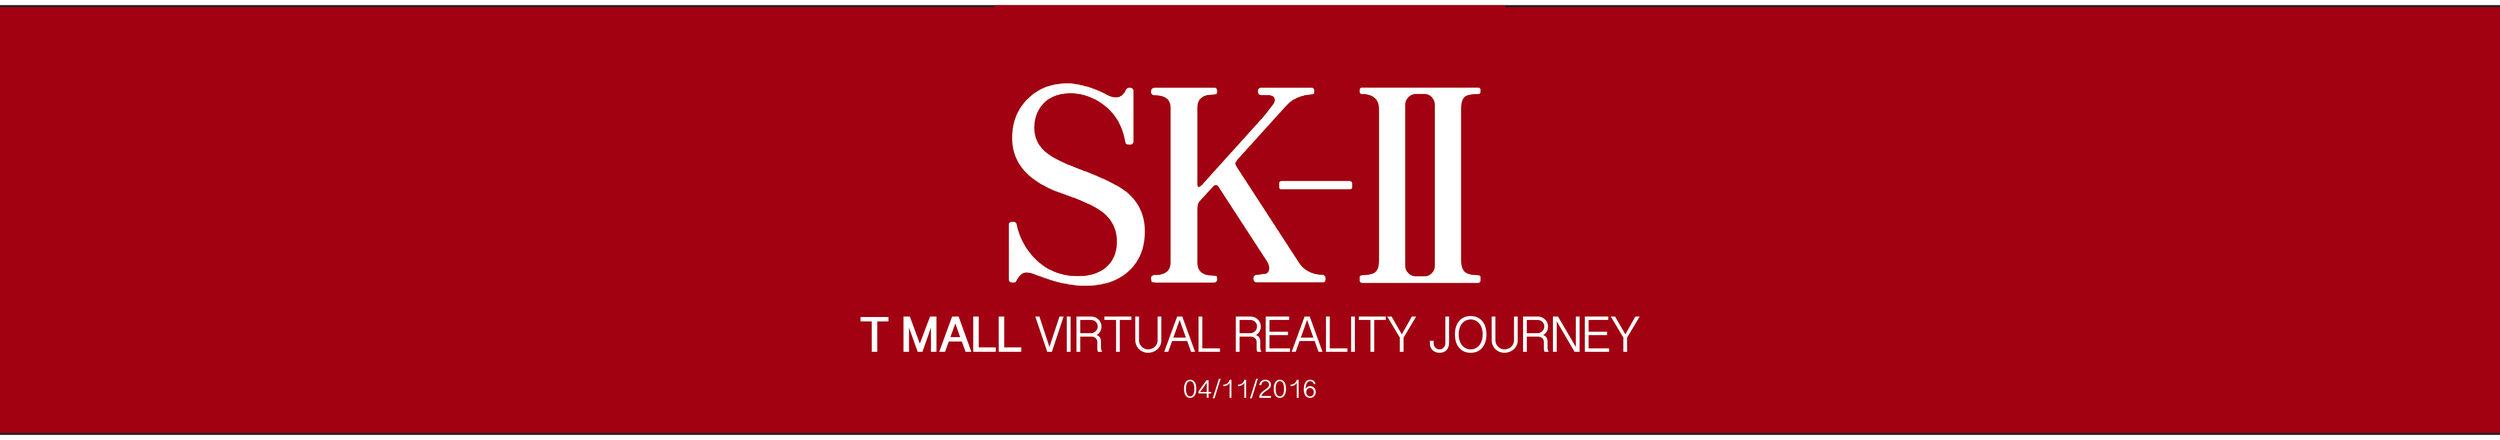 SK-II 4_11-1.jpg